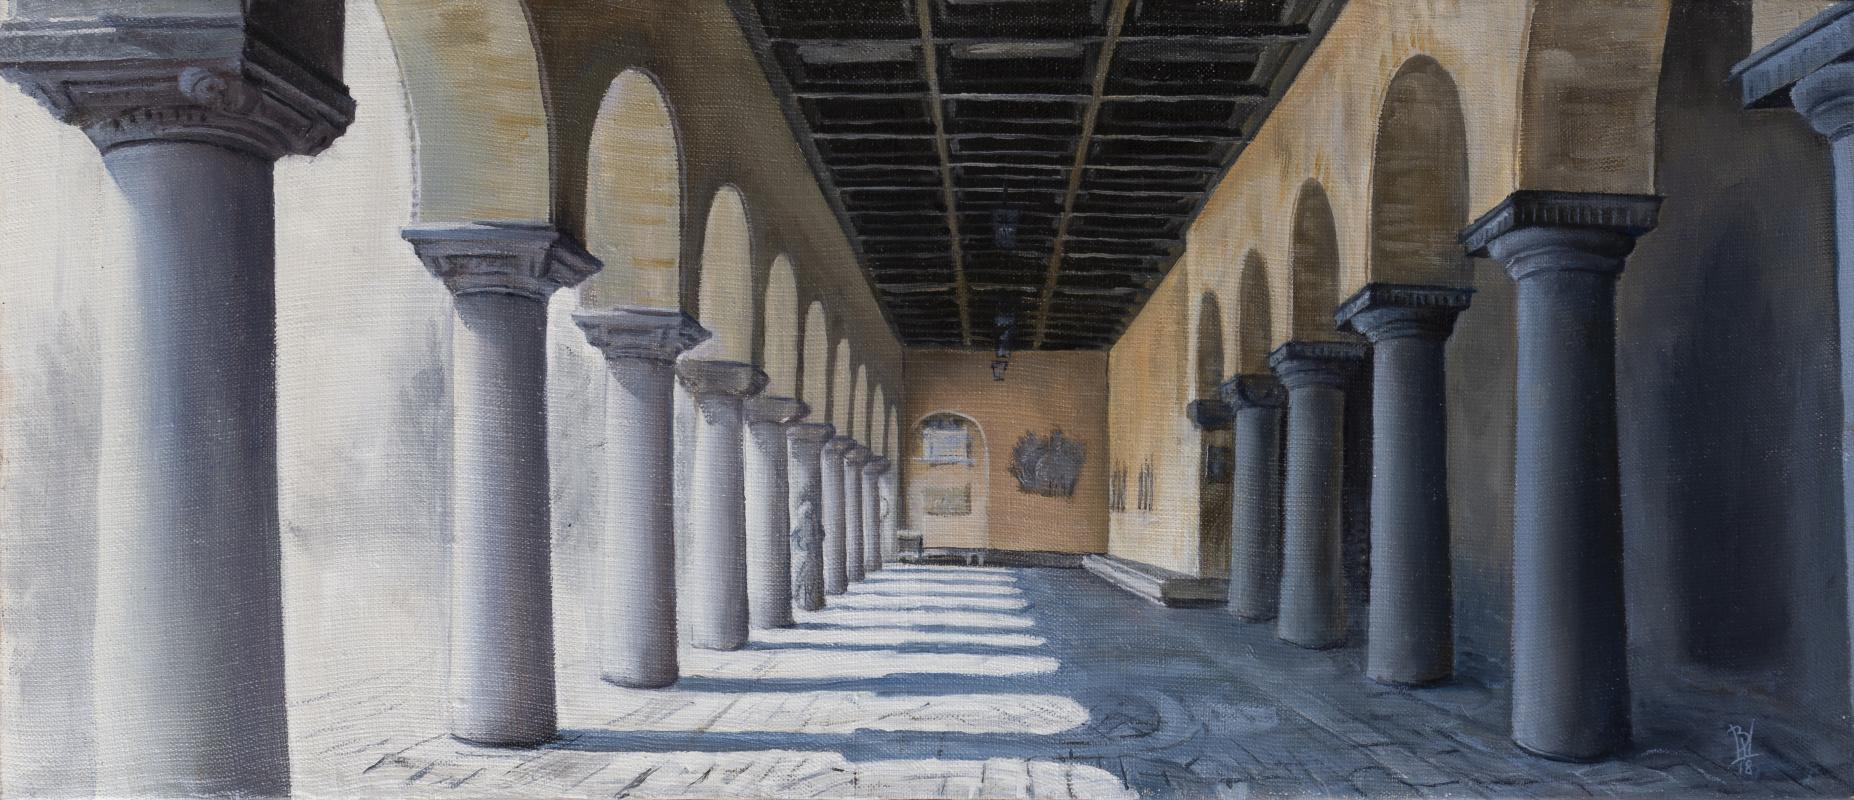 Вячеслав Юрьевич Шайнуров. Stockholm City Hall